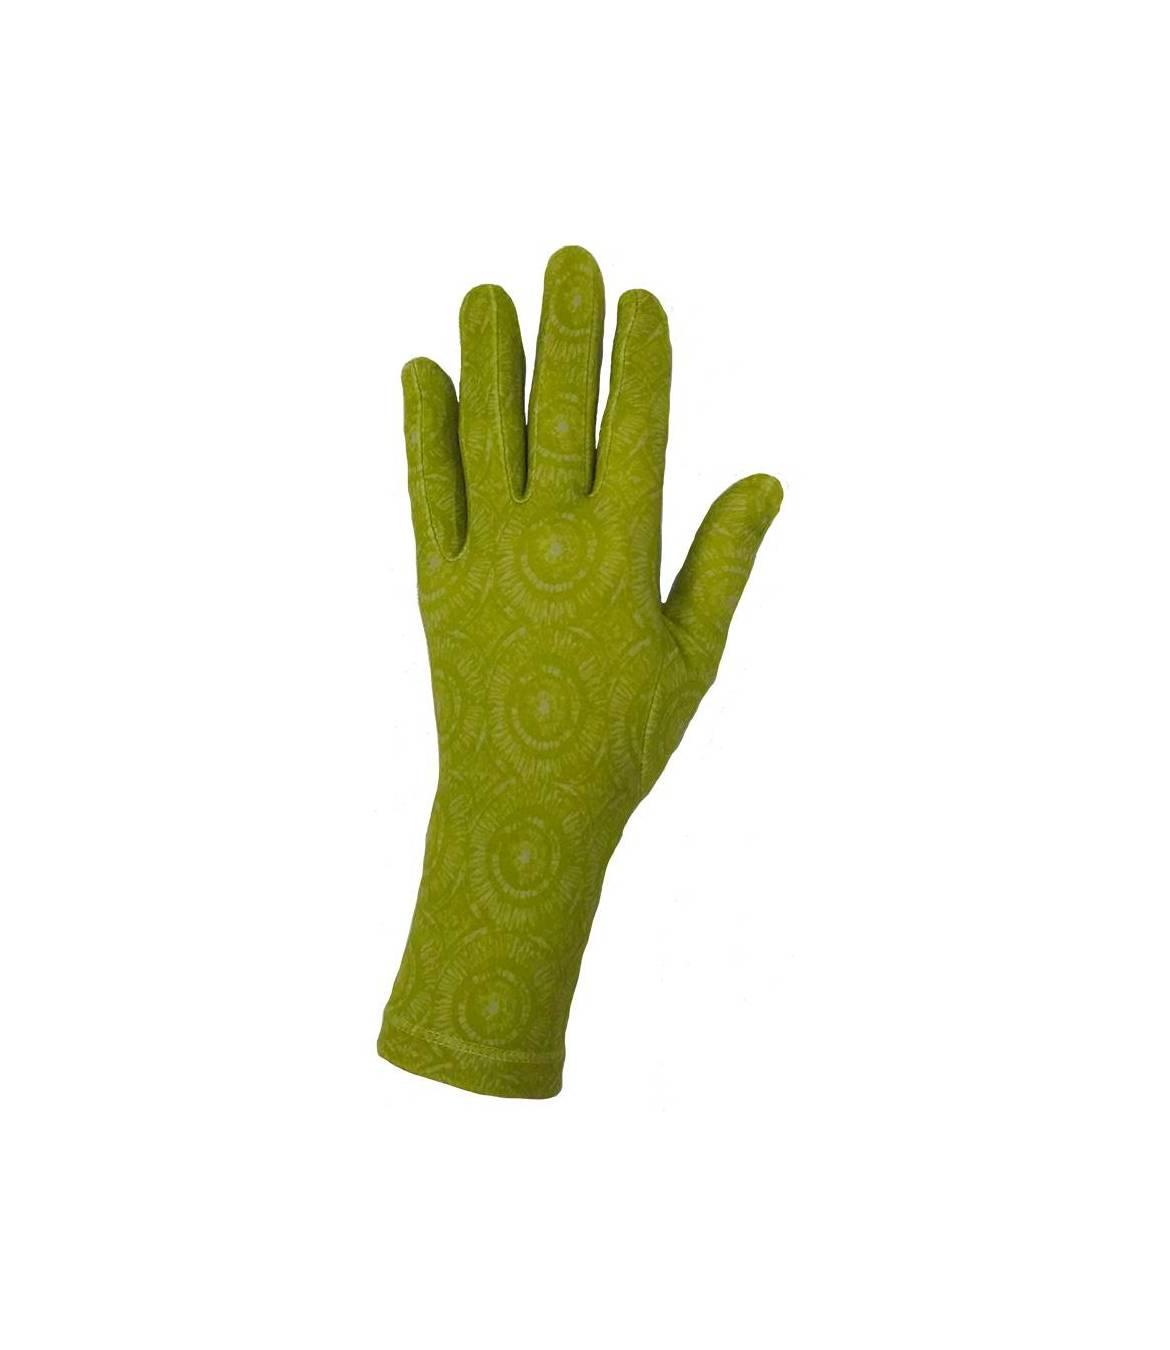 GANTS UNI 1 Polyamide Gloves, Elastane for Women Storiatipic - 1